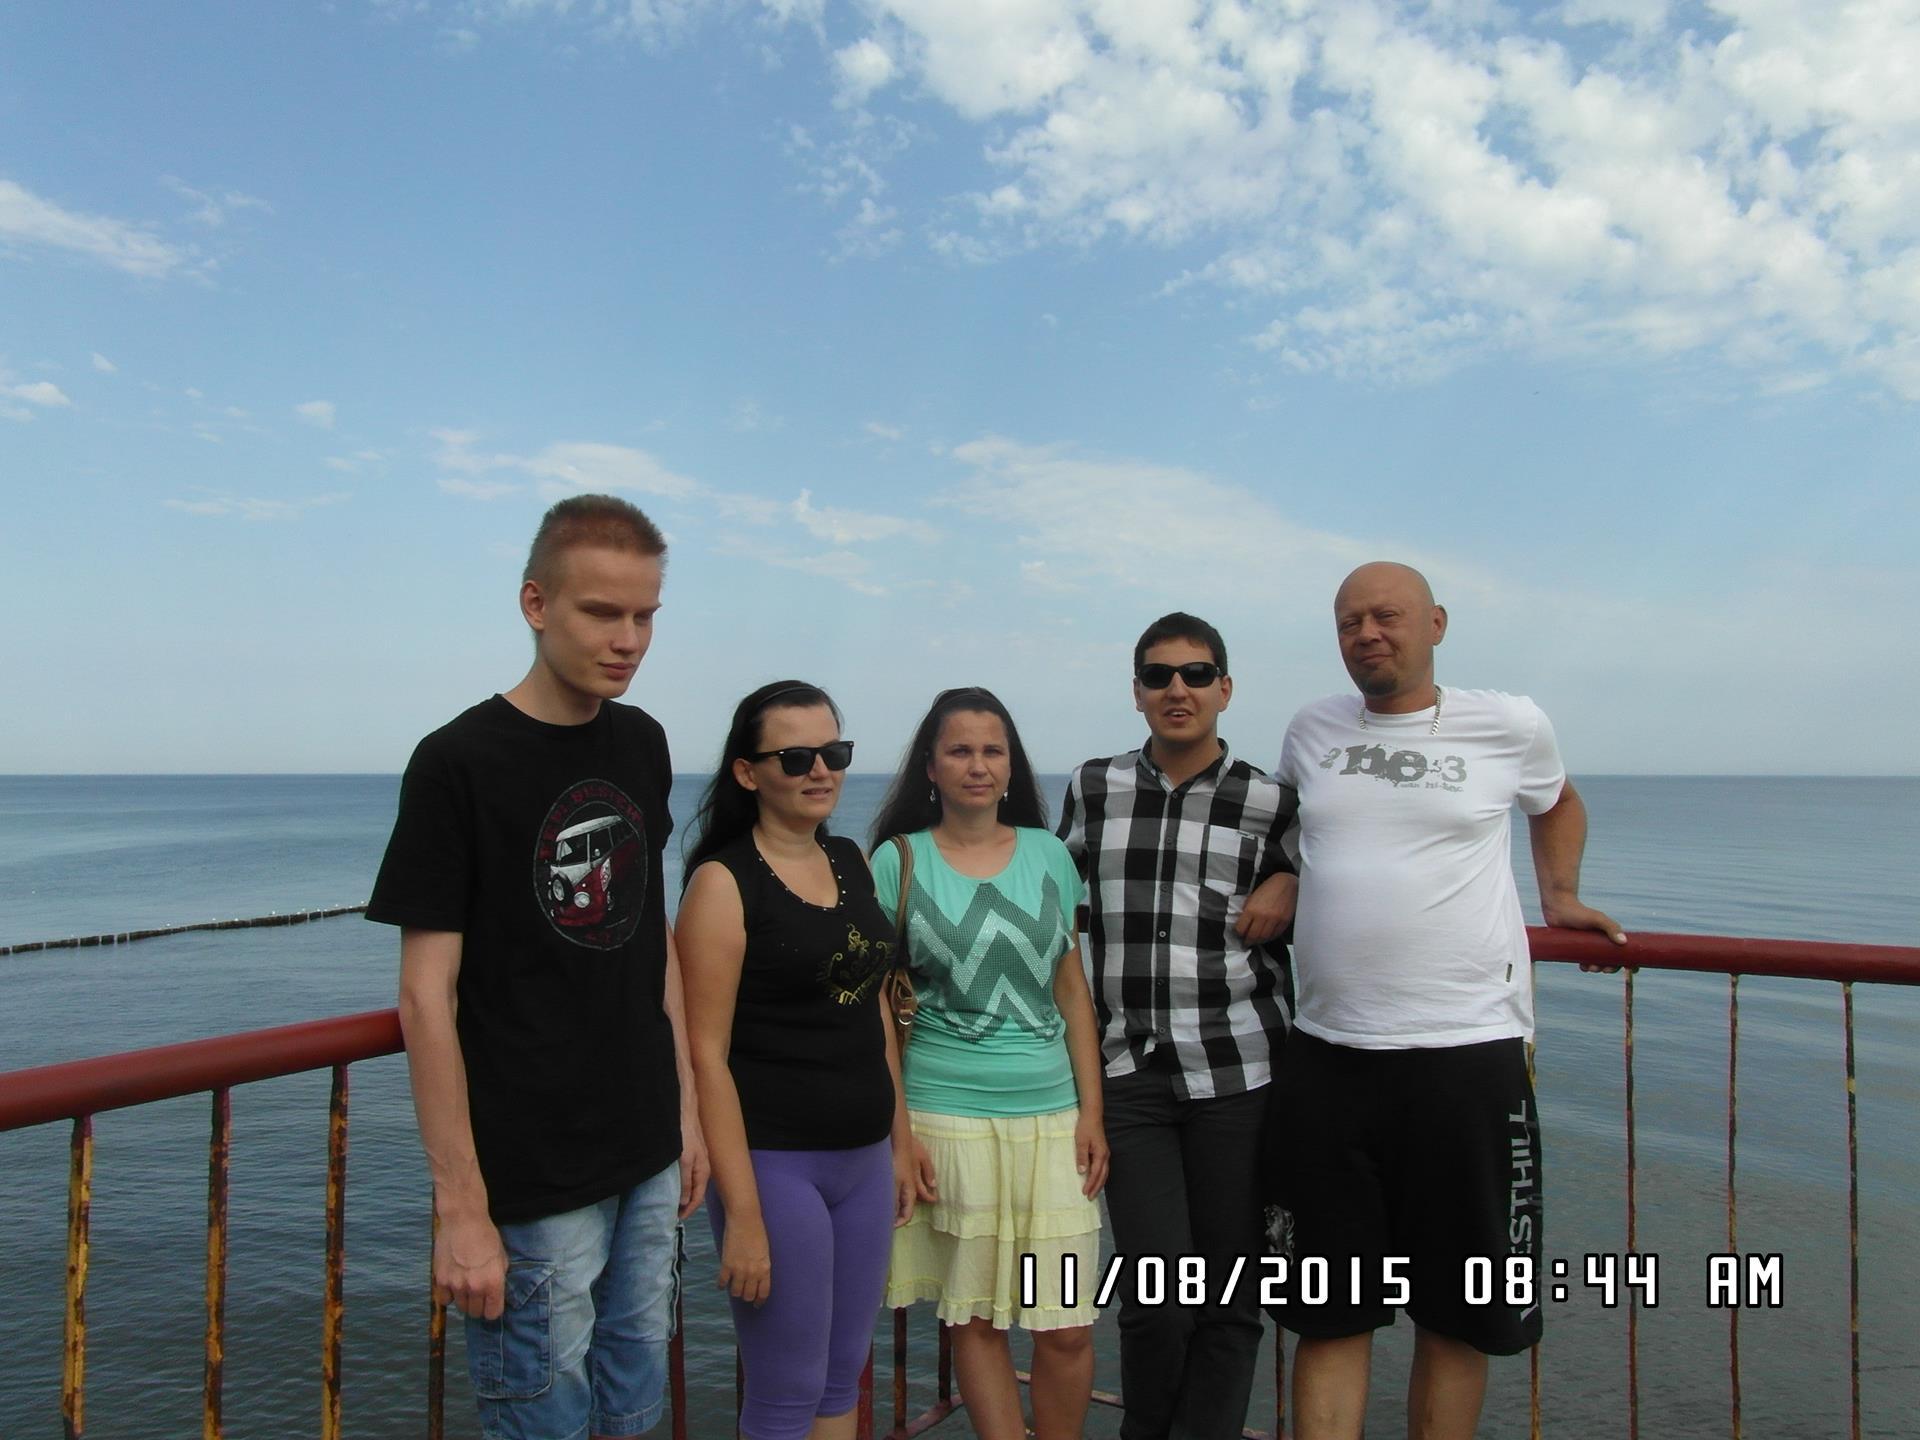 Pięć osób (trzech mężczyzn i dwie kobiety) stoi na molo. W tle widać morze.